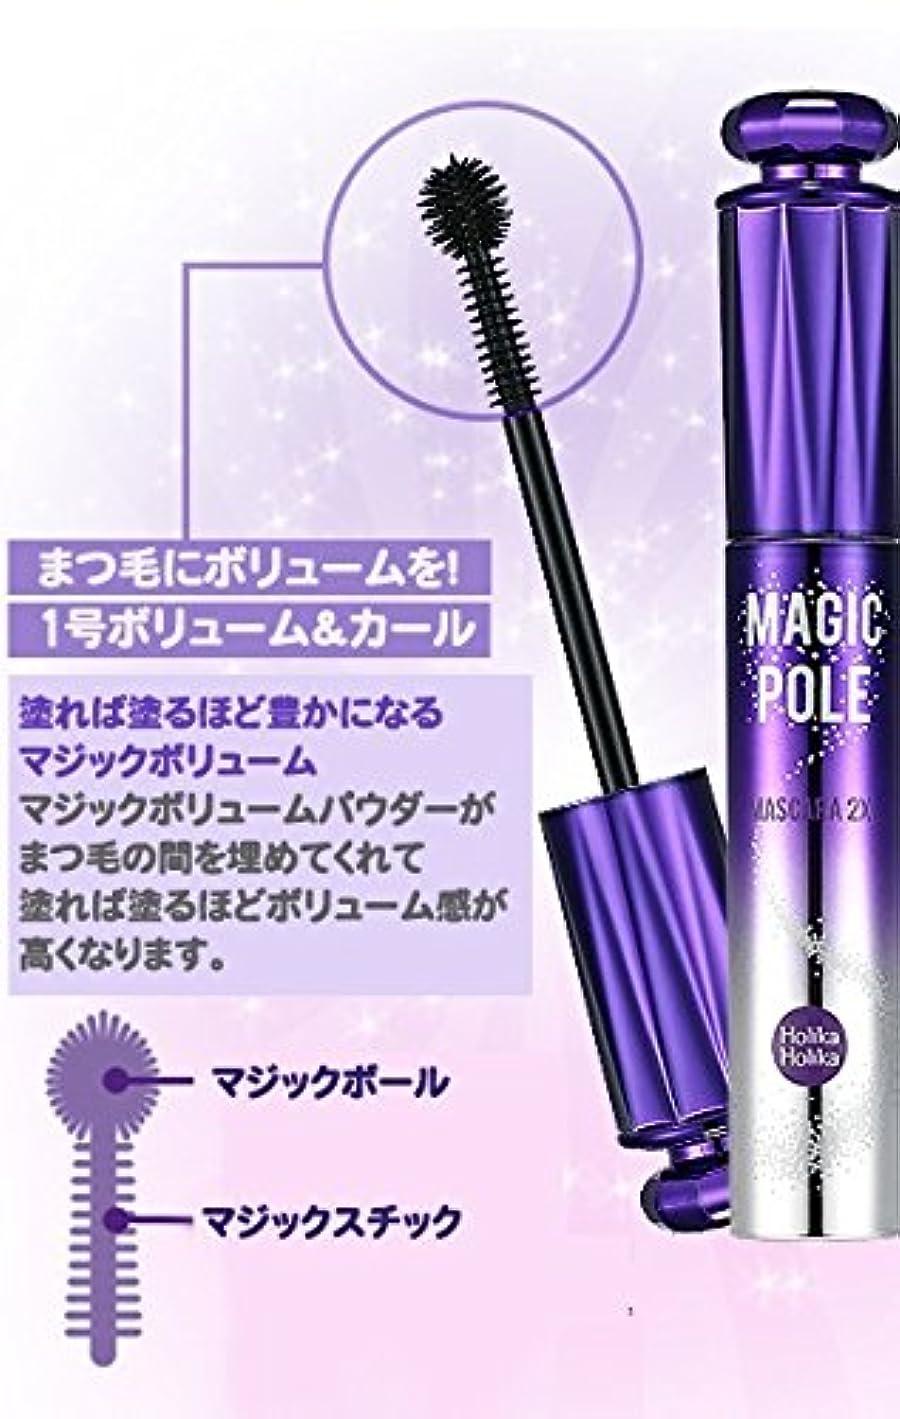 幾分アカウント分注するHolika Holika ホリカホリカ マジックポールマスカラ 2X 4類 (Magic Pole Mascara 2X) 海外直送品 (1号 ボリューム&カール)